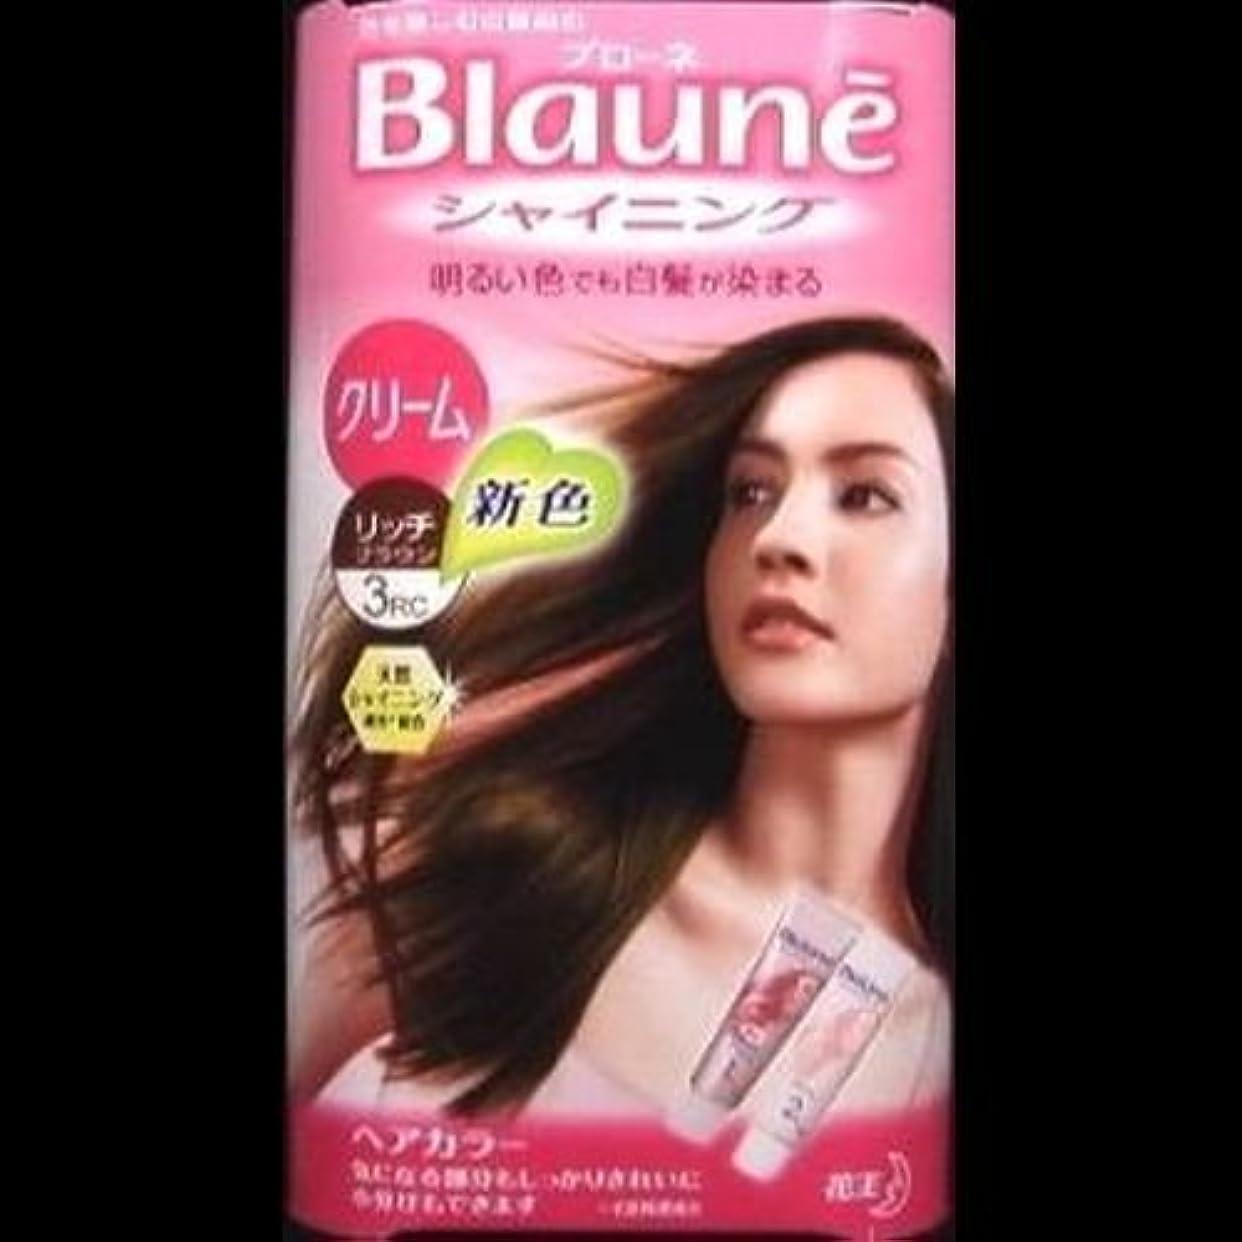 だます嫉妬日常的に【まとめ買い】ブローネシャイニングヘアカラークリーム 3RC リッチブラウン ×2セット